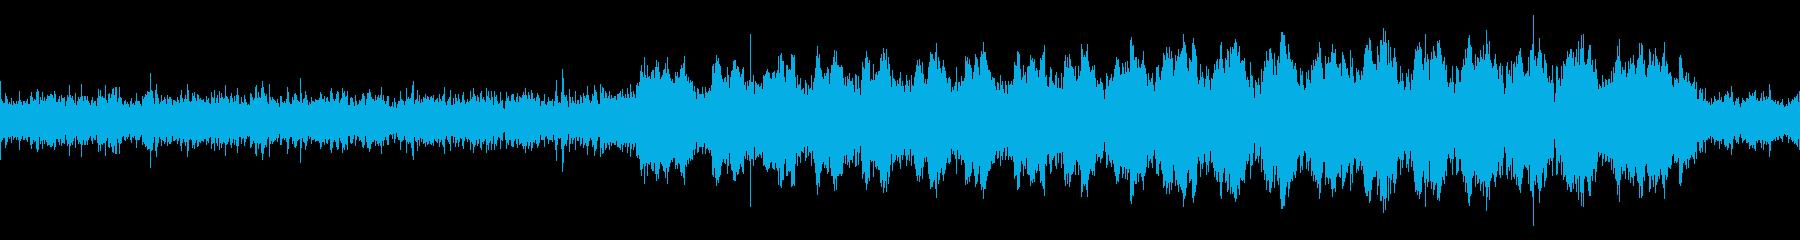 経過・推移の観察 淡々と爽やかな展開の曲の再生済みの波形